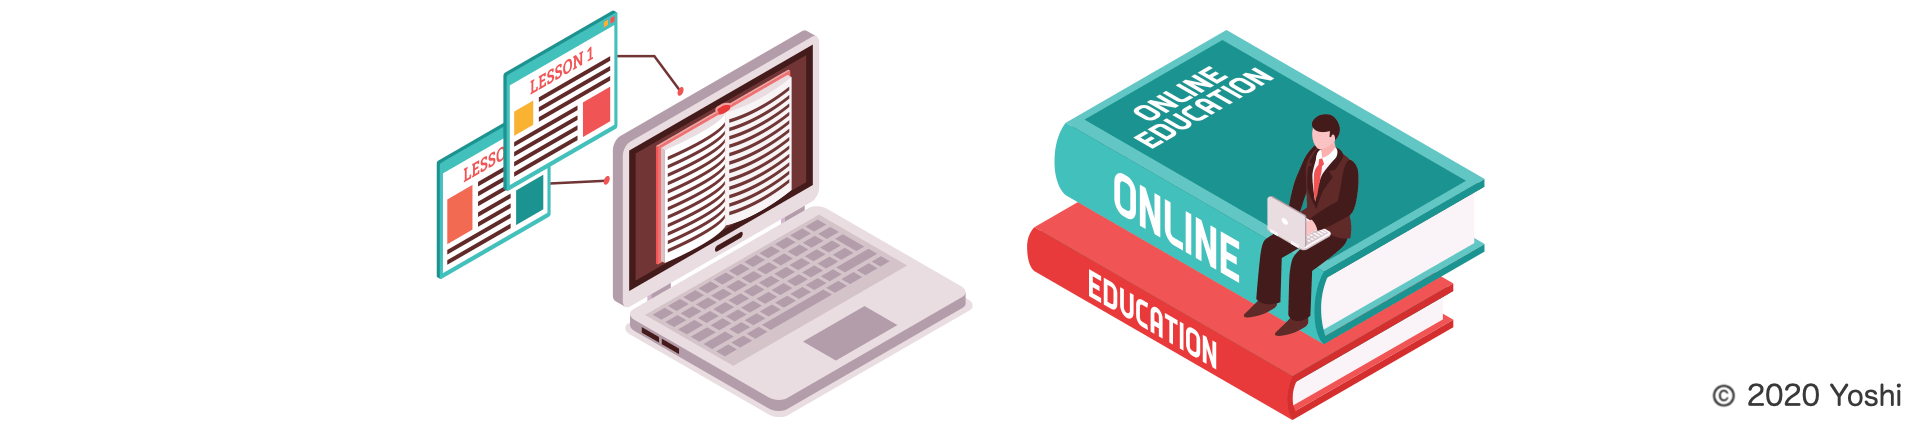 EdTechの例(オンライン学習)